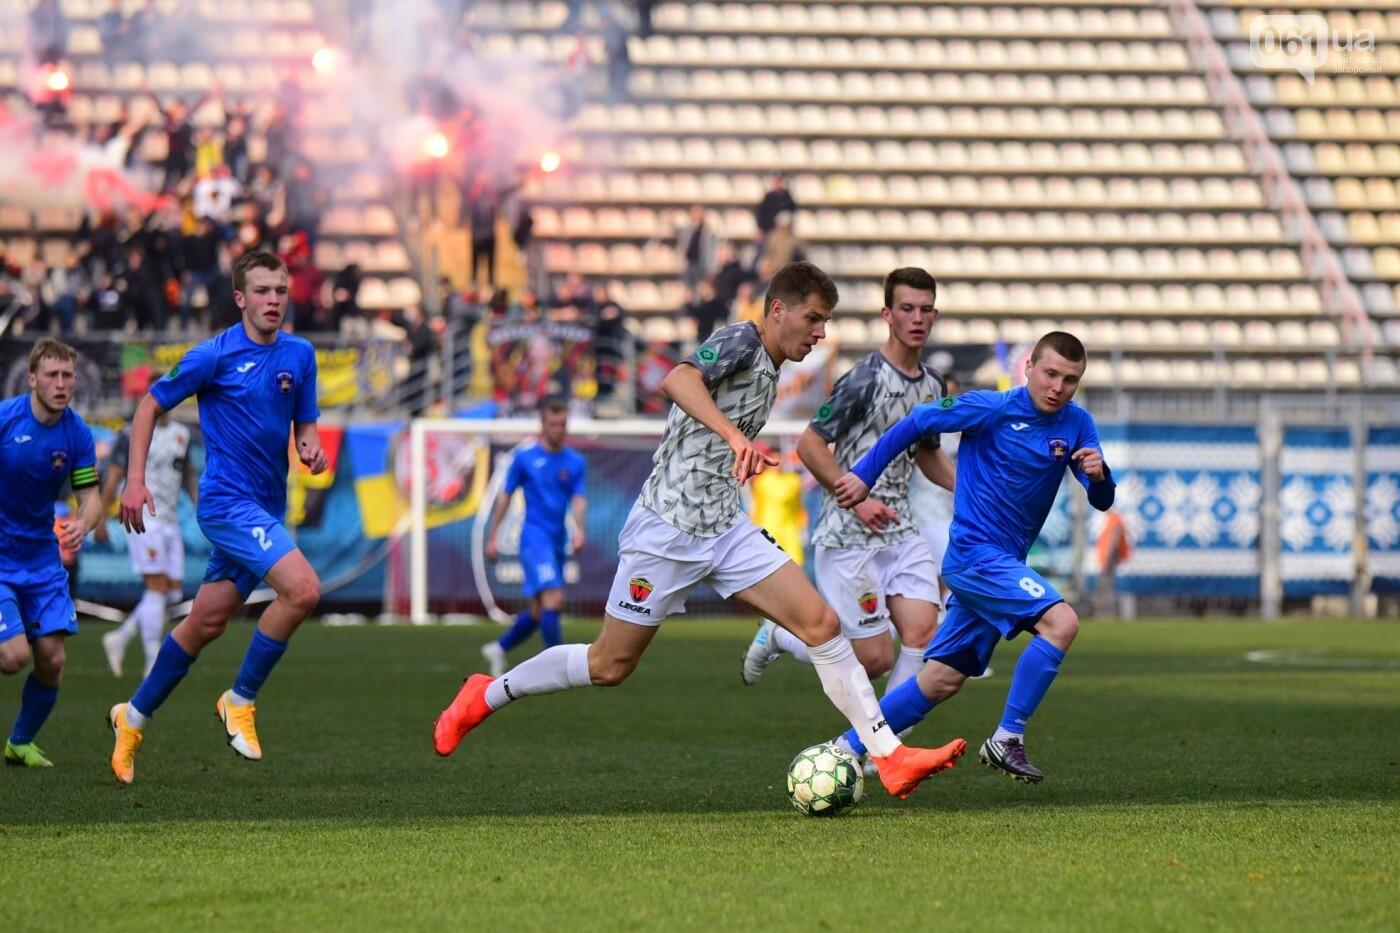 """МФК """"Металлург"""" одержал самую крупную победу в сезоне - фанаты отметили успех зажжеными файерами, - ФОТО, фото-3"""